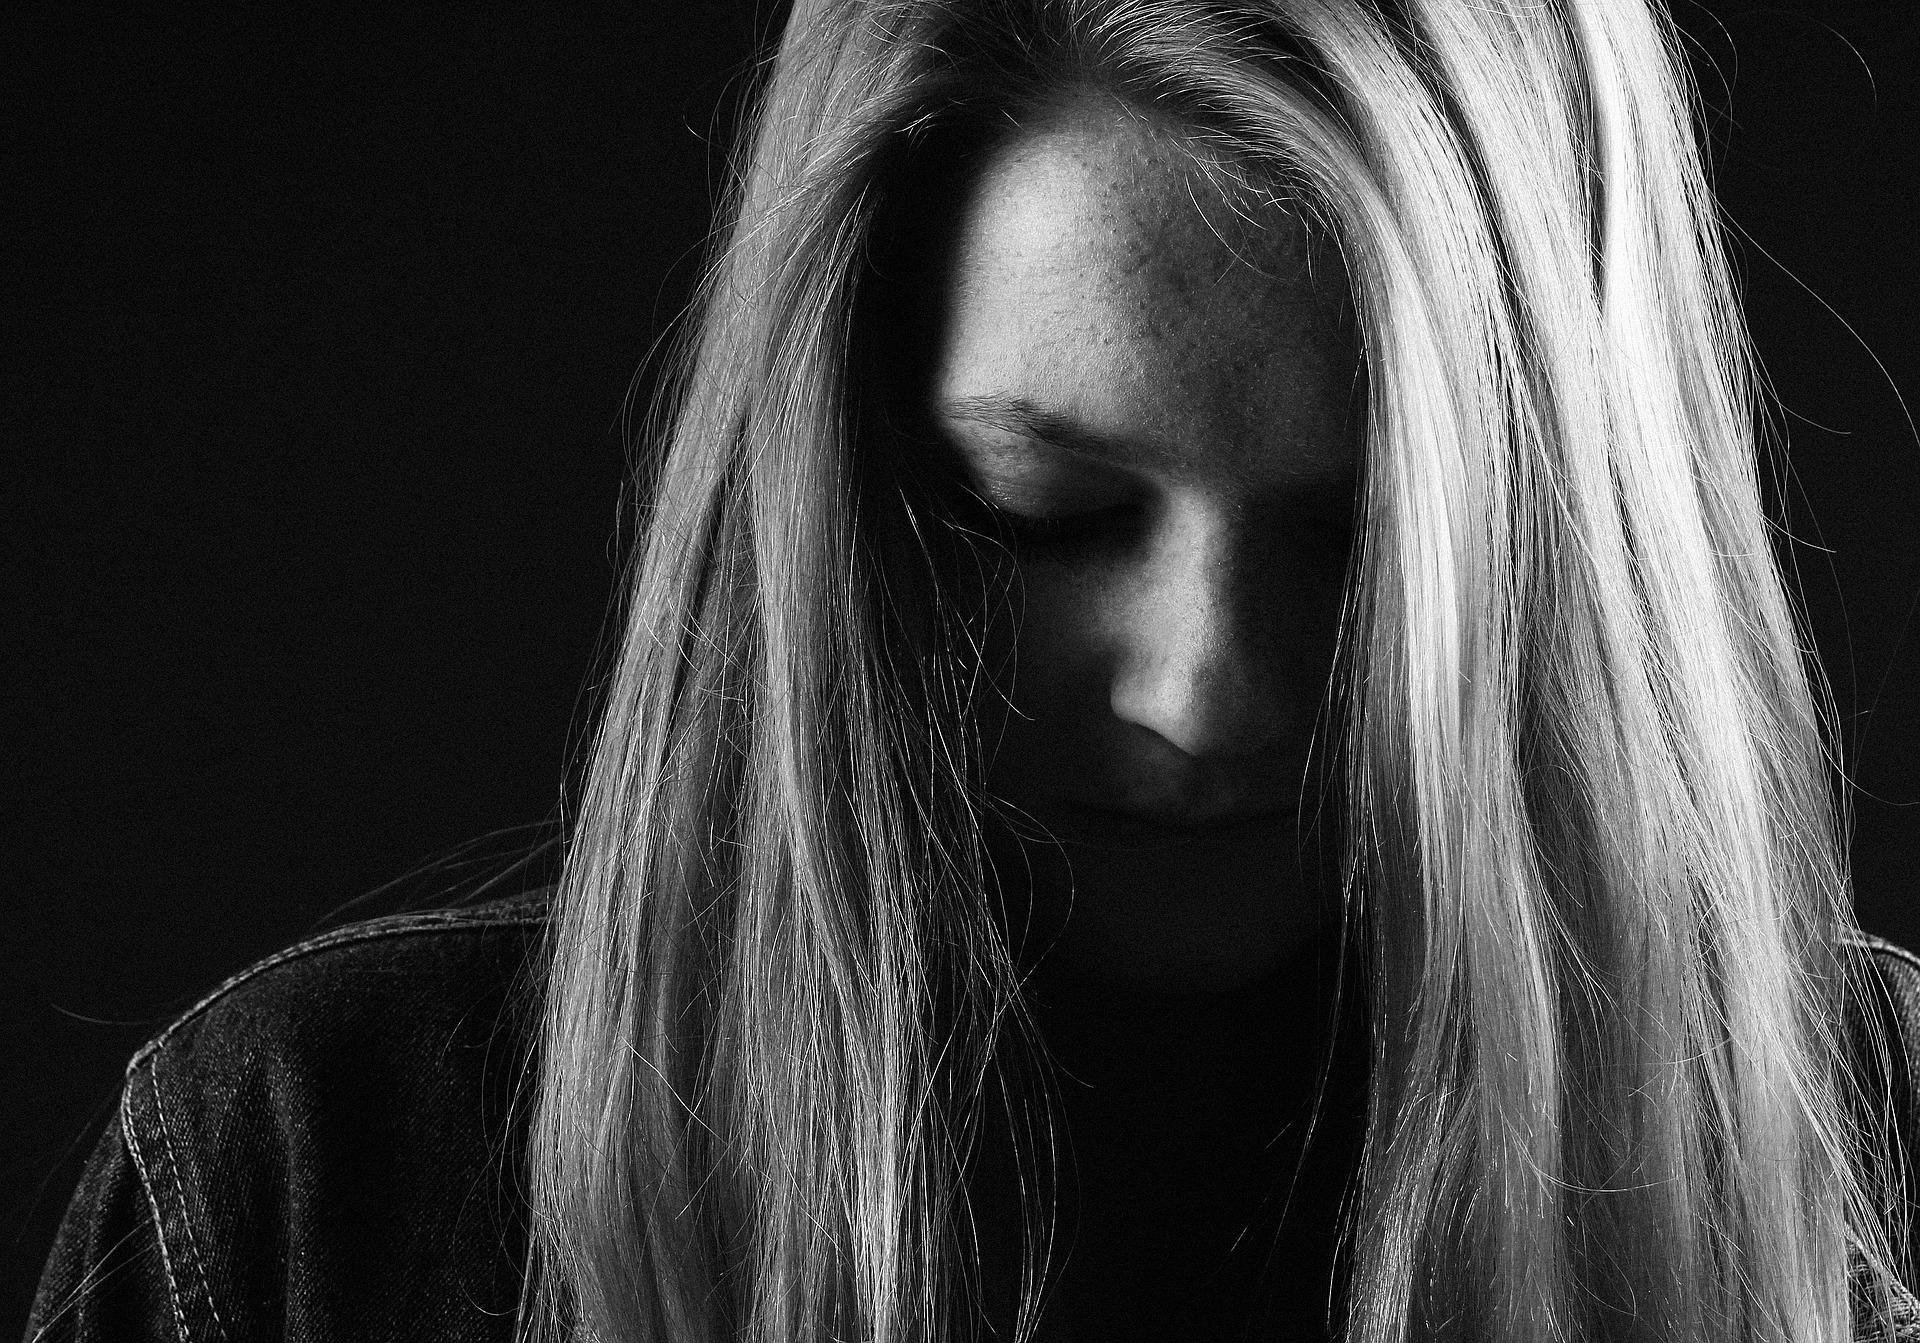 családtag elvesztése utáni szomorúság